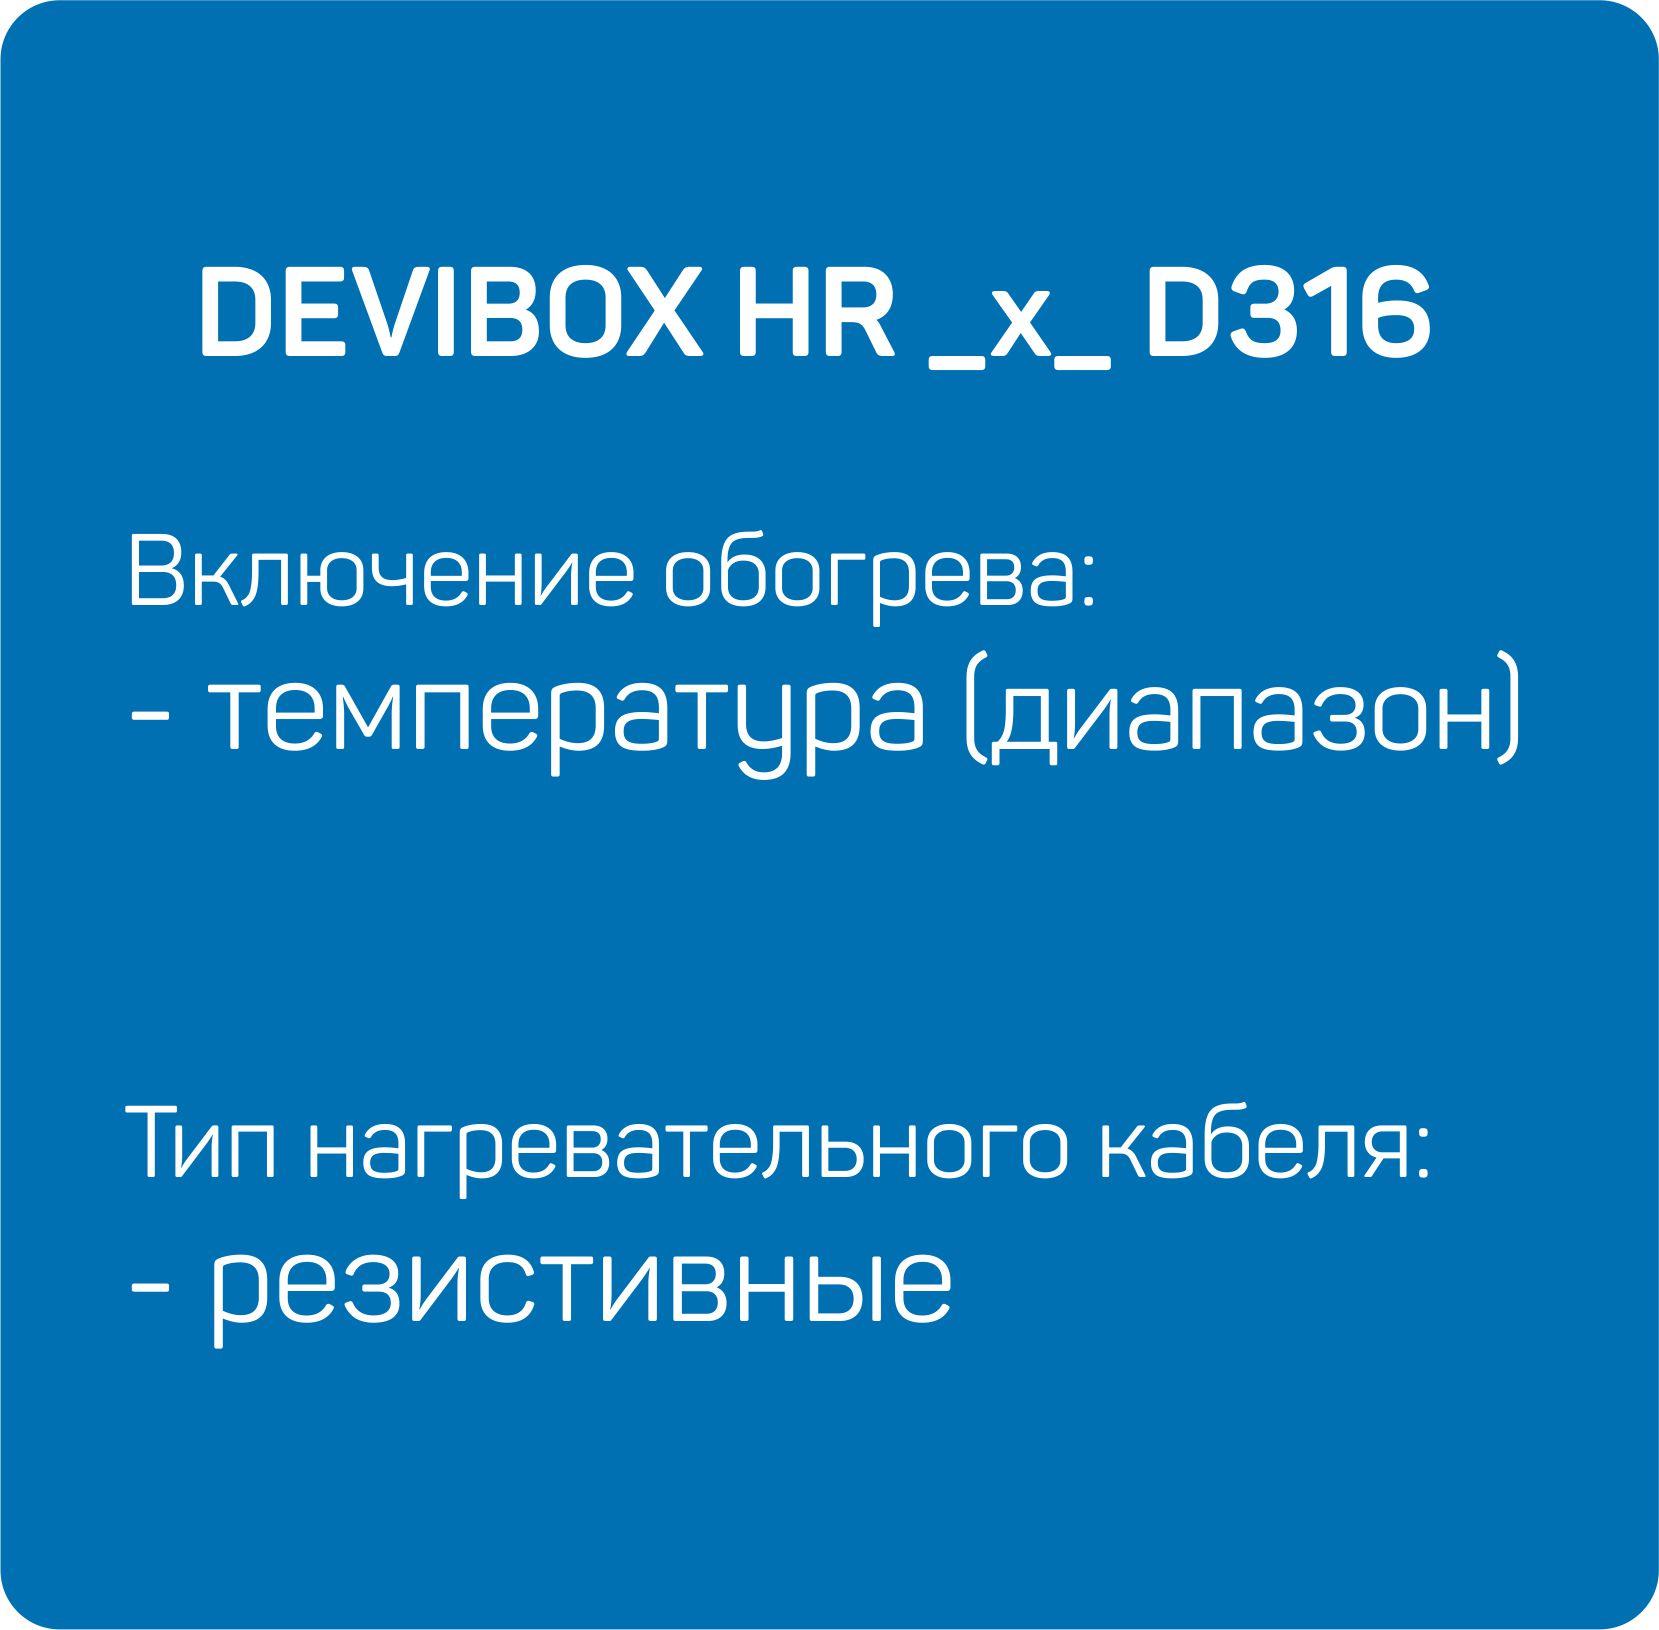 HR _x_ D316